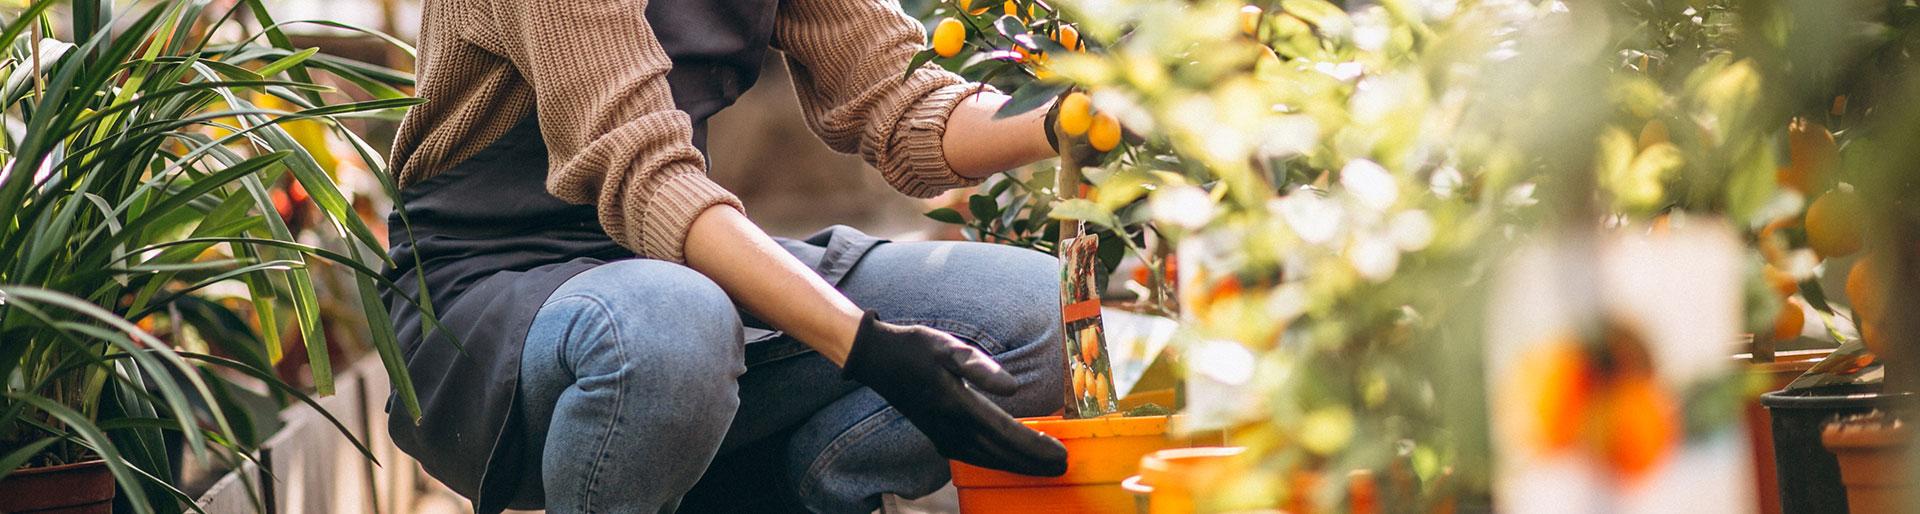 Bac Pro CPH - Une femme s'occupe de plantes en pot